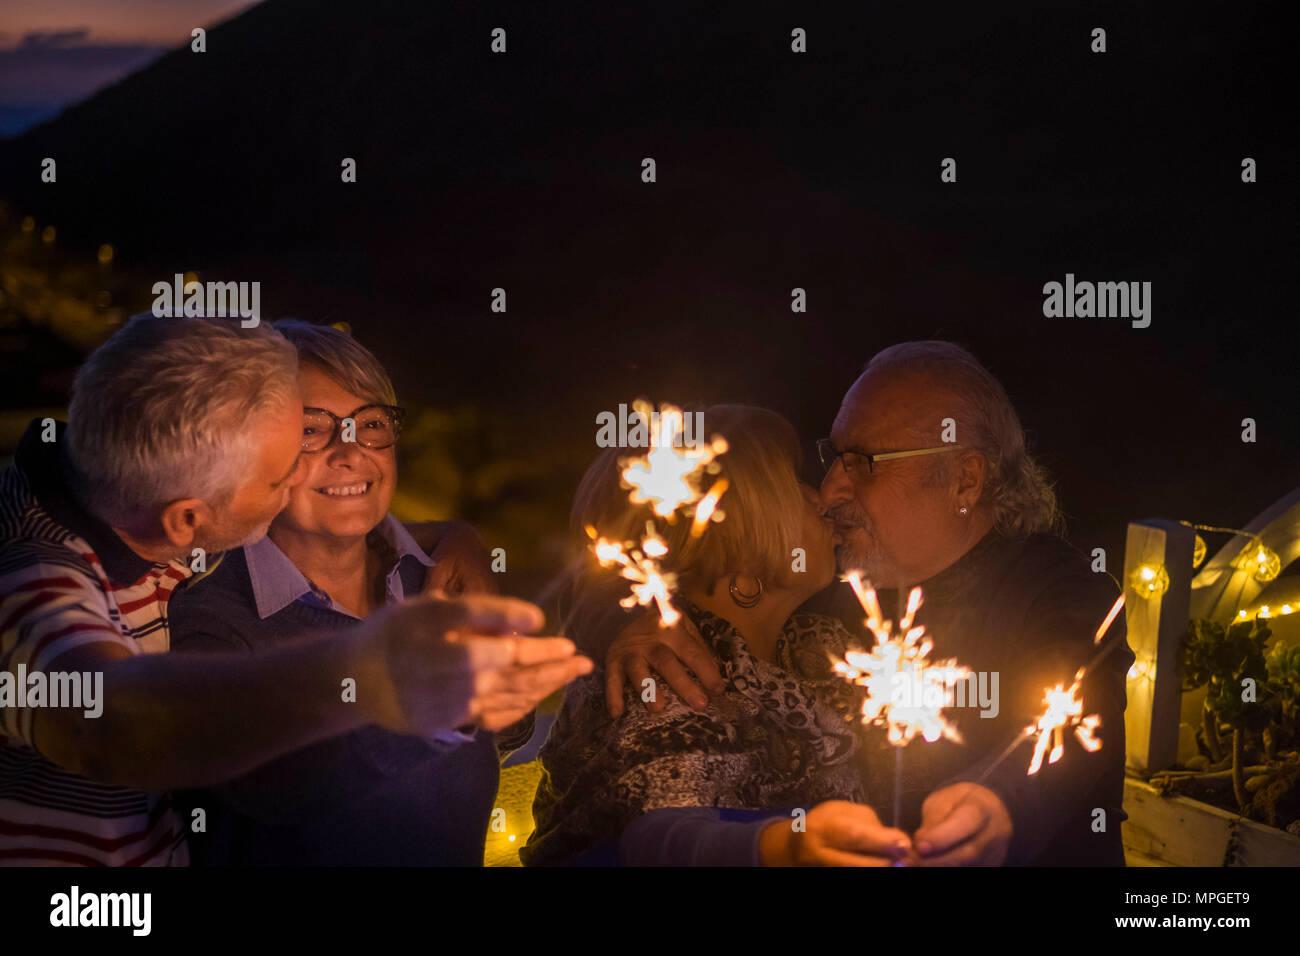 Deux couple baiser et célébrer un anniversaire ou événement comme nouvel an outdoor avec sparkles. le bonheur et l'espoir pour l'avenir. concept de vie senior r Photo Stock